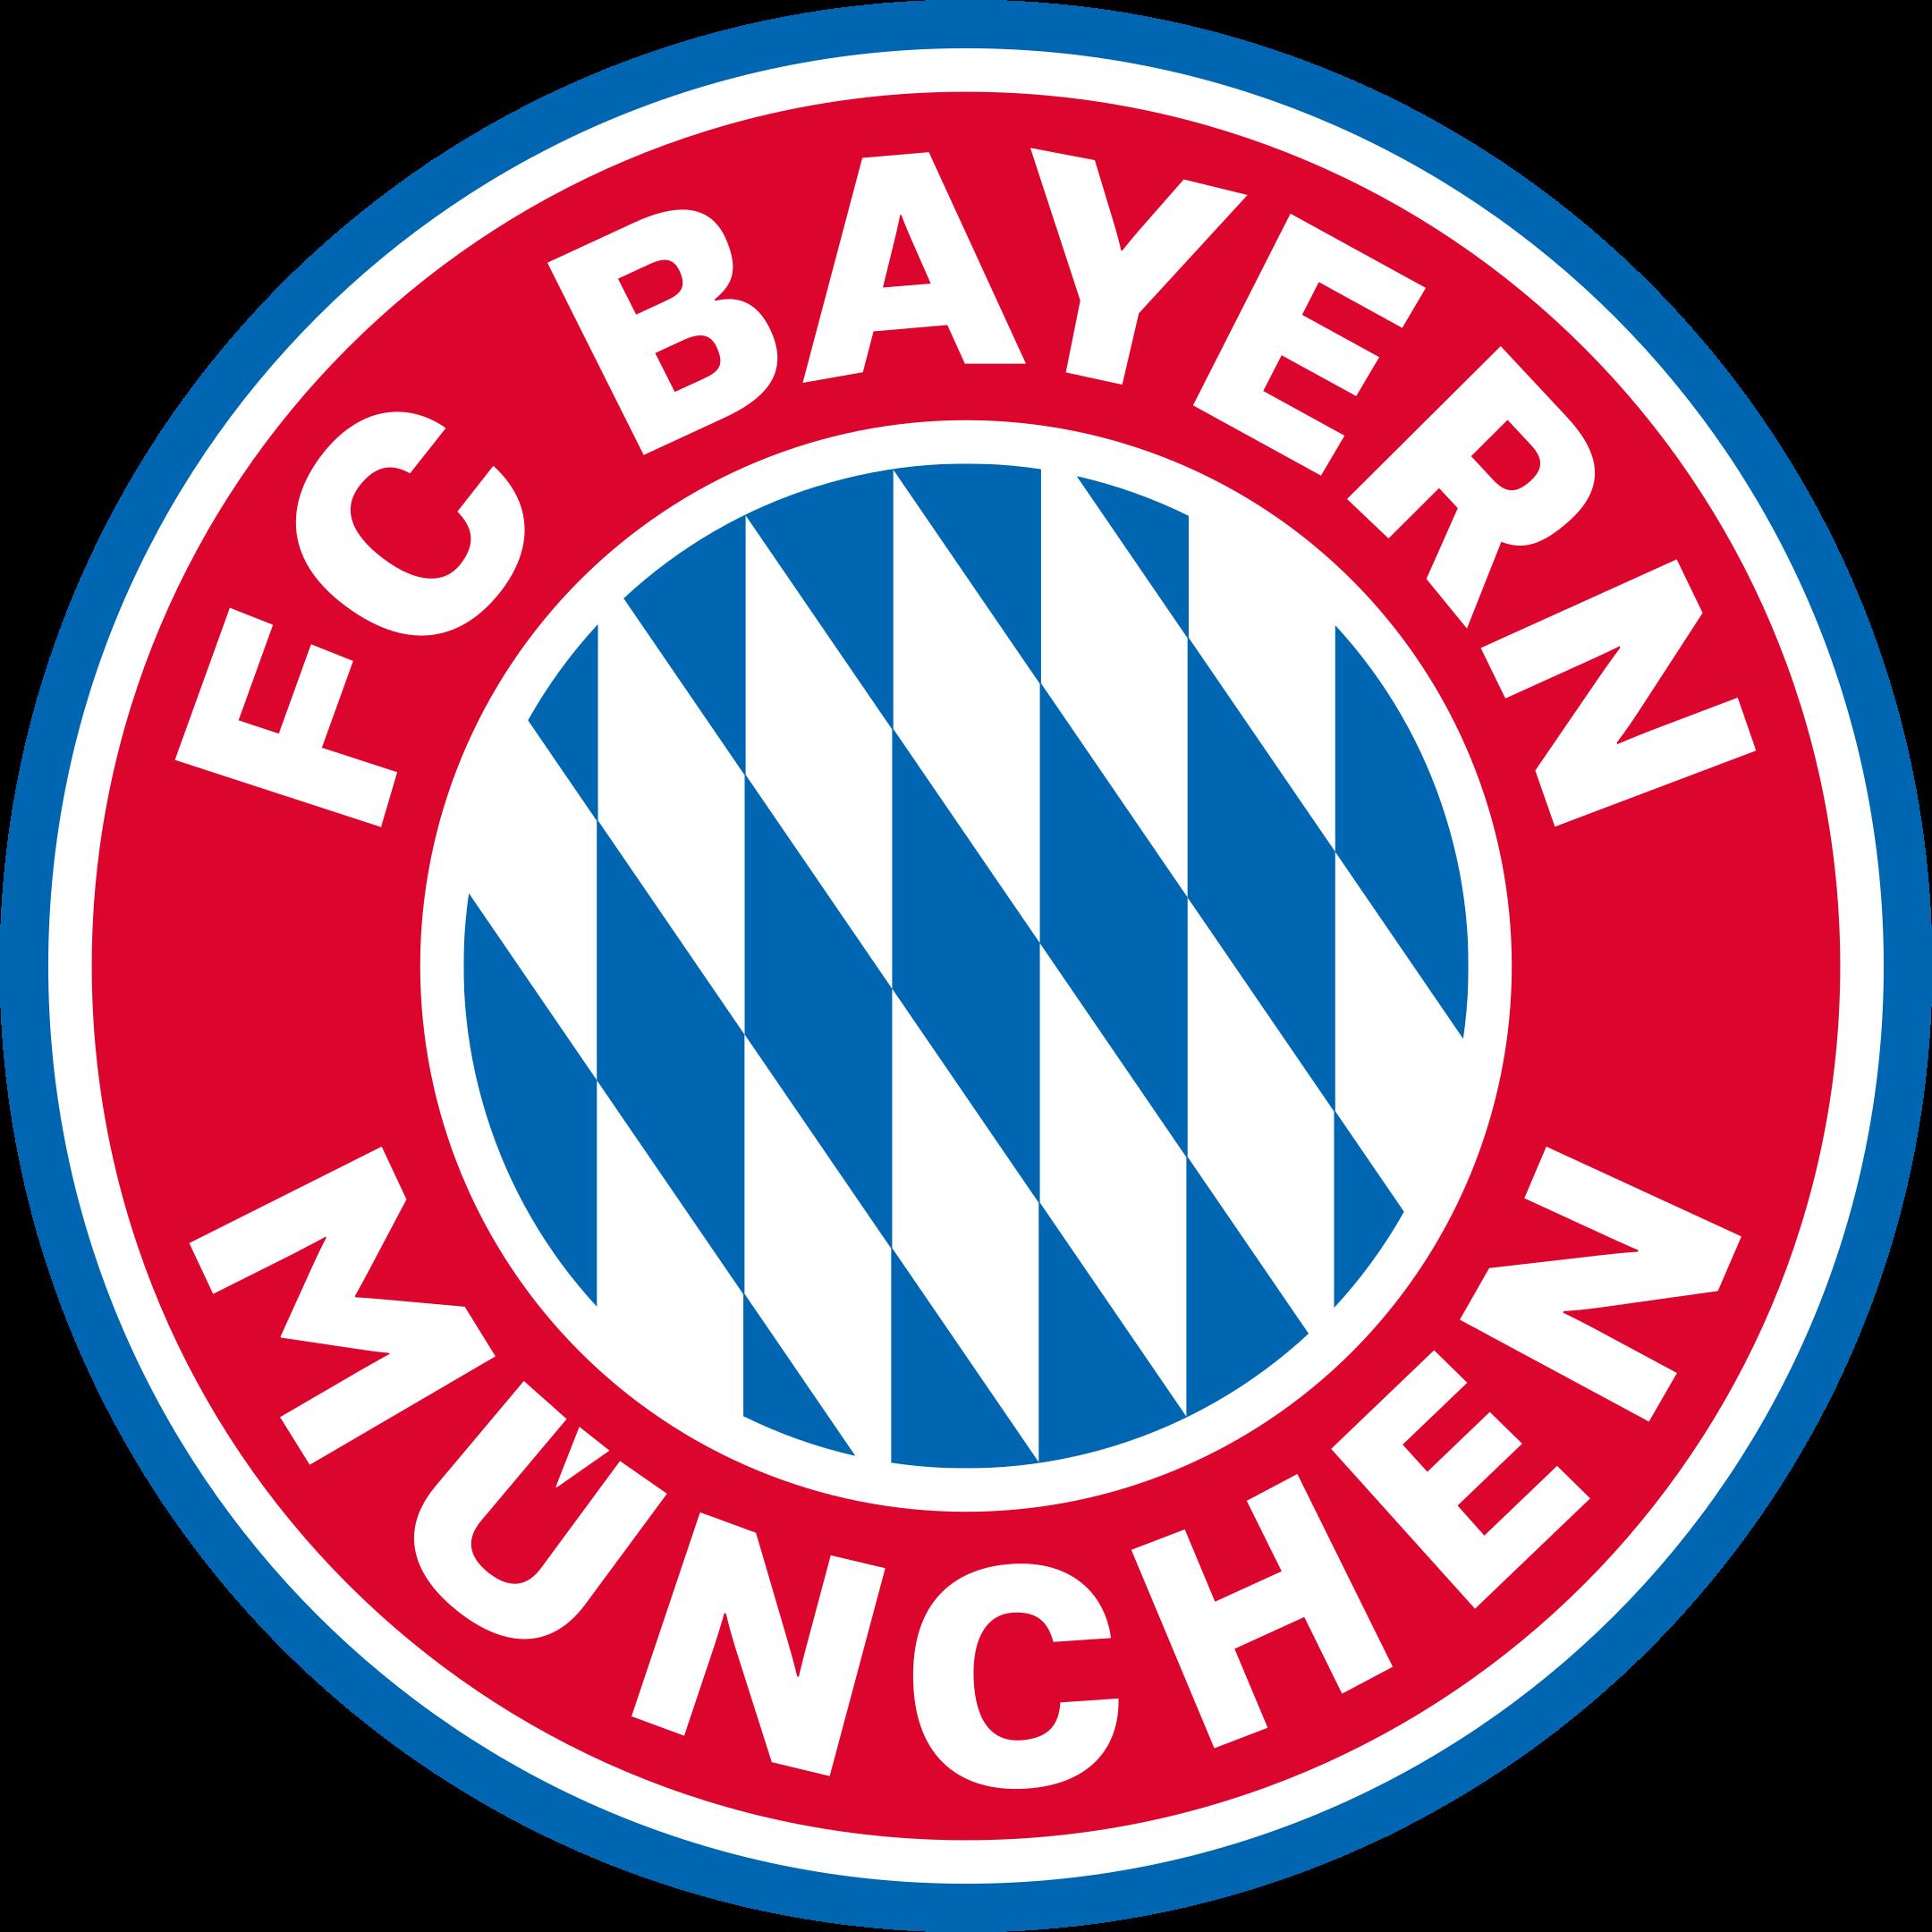 bayern munich logo 1 - Bayern Munich Logo